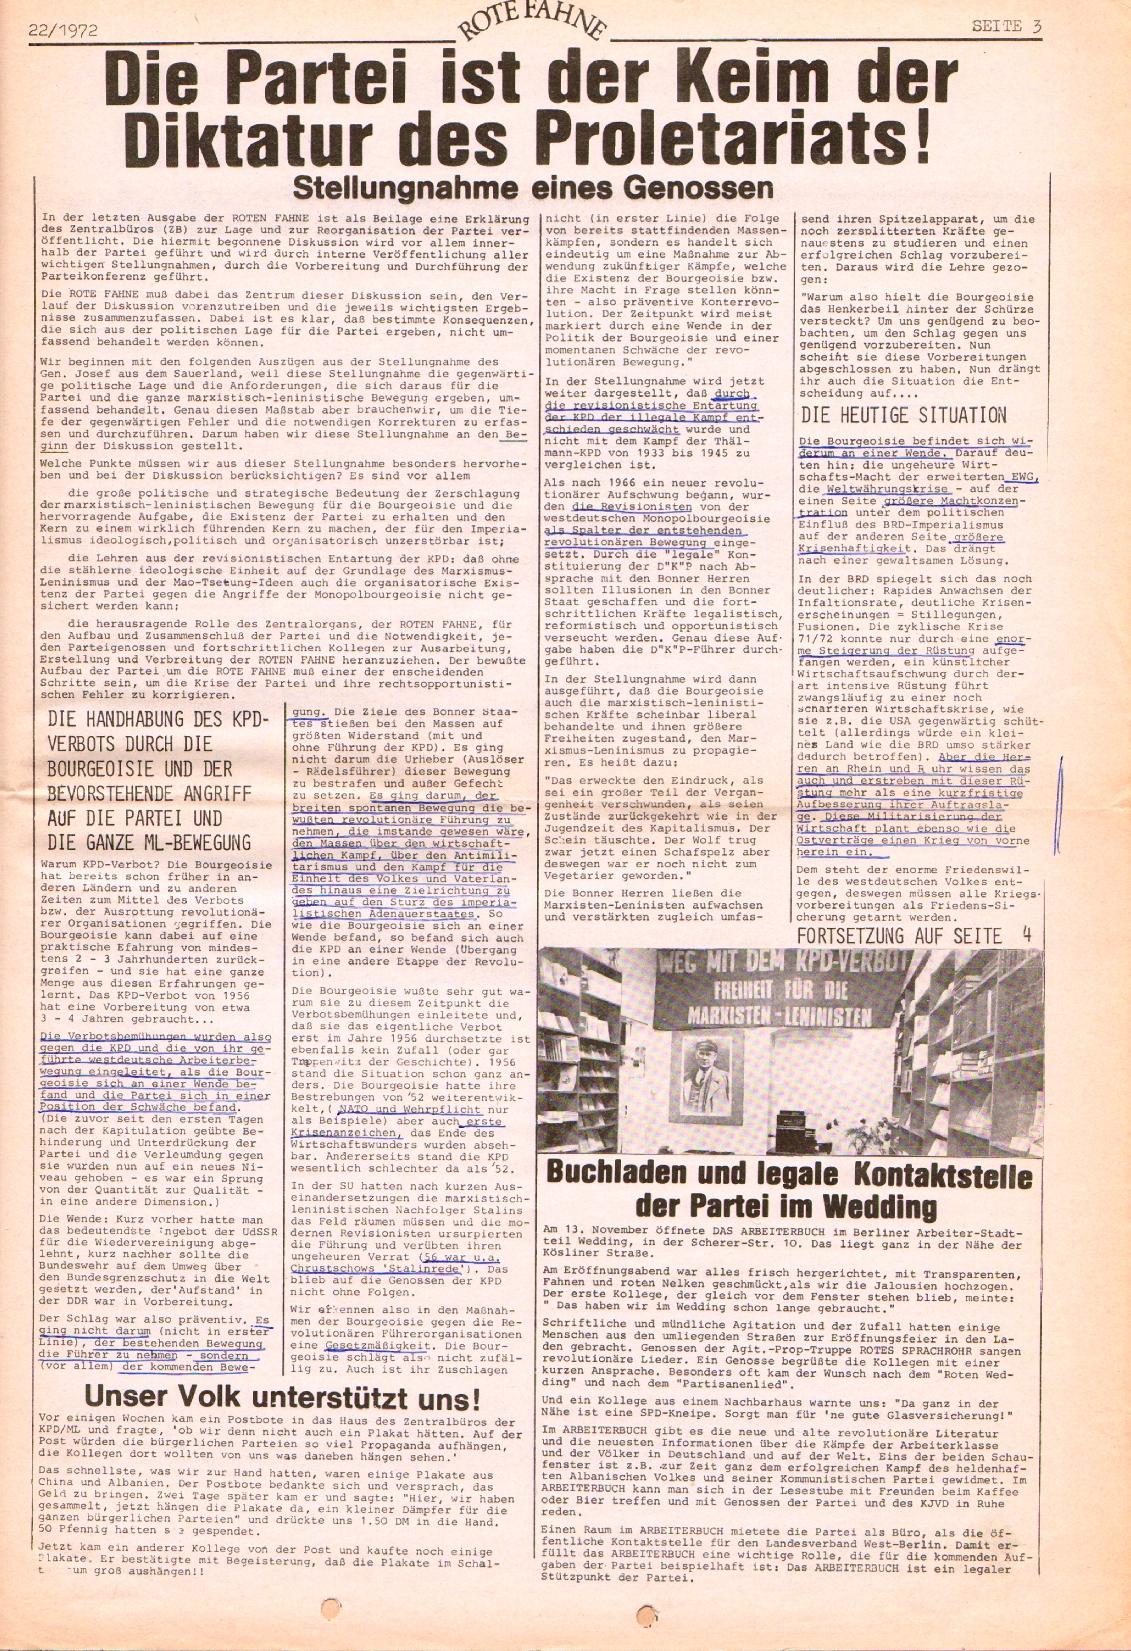 Rote Fahne, 3. Jg., 1.12.1972, Nr. 22, Seite 3